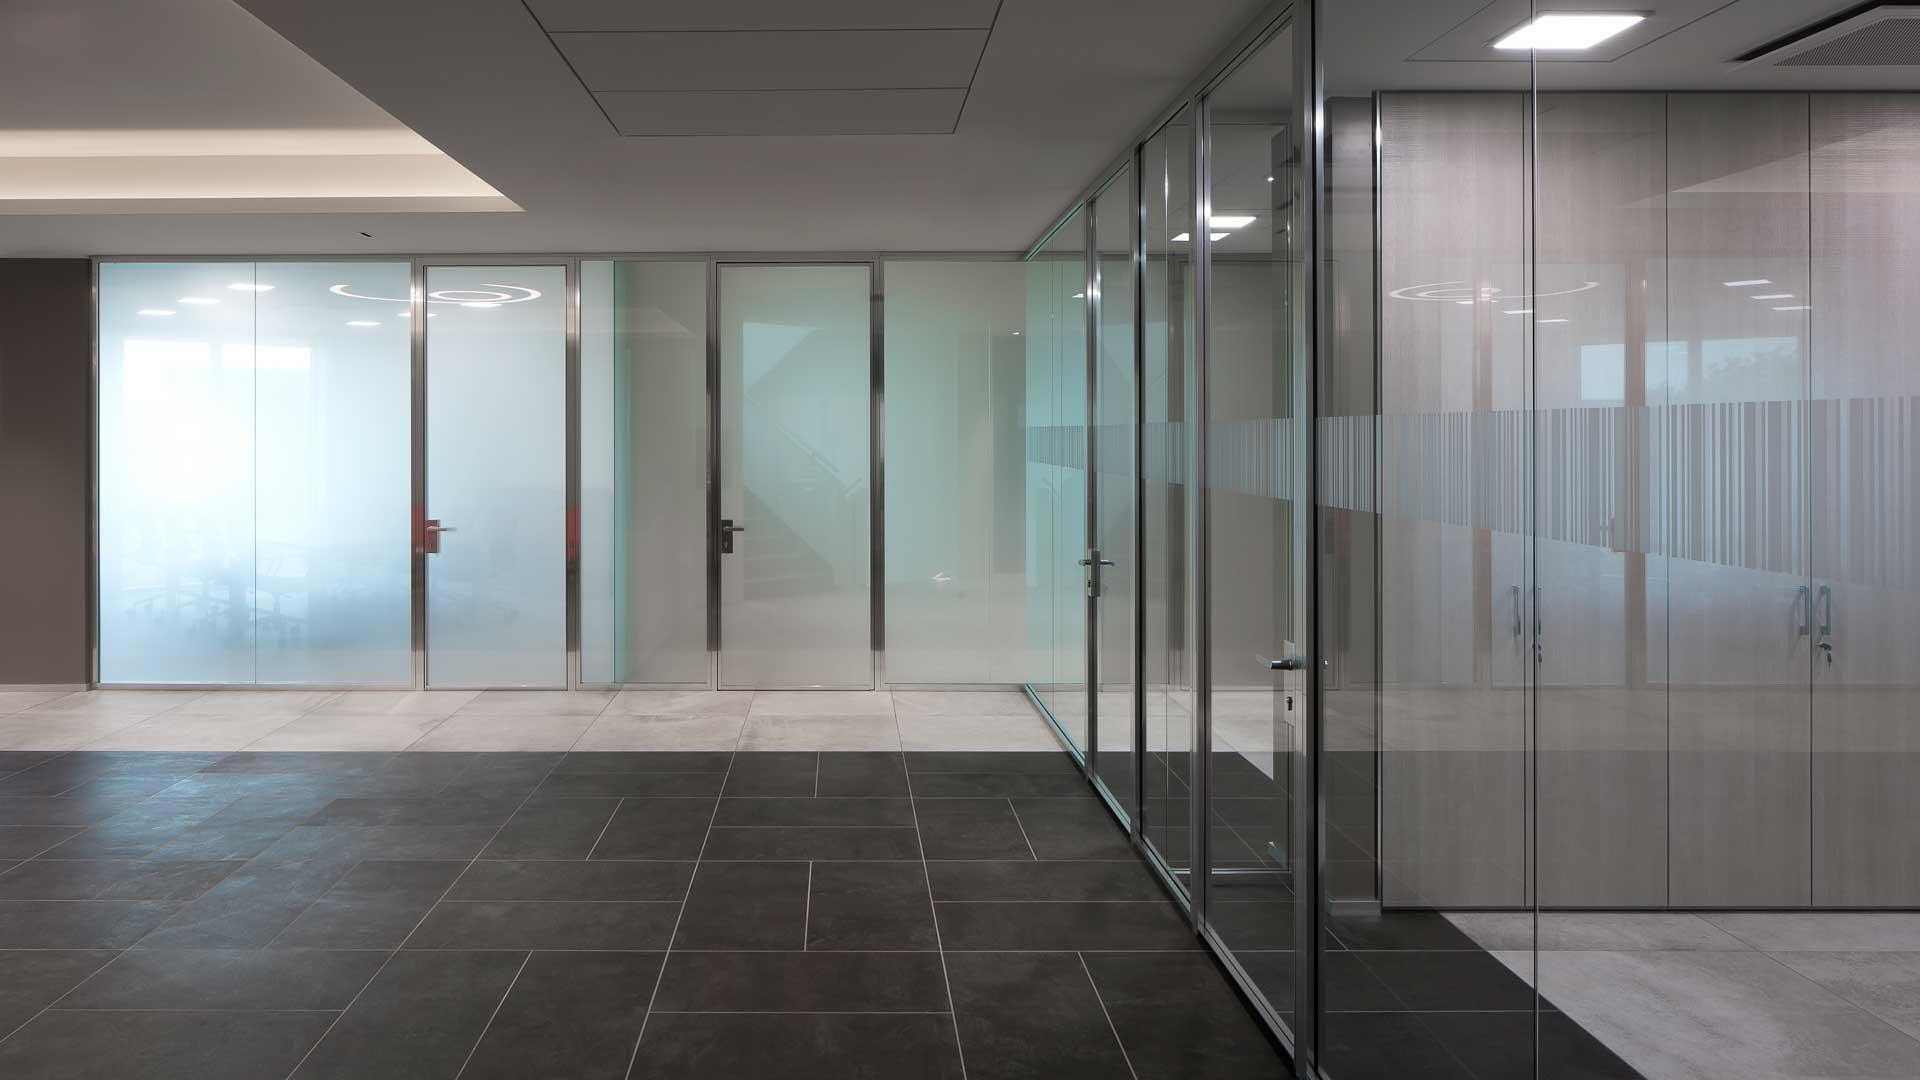 Pareti-divisorie-o-pareti-in-cartongesso-per-l'ufficio-Viemmeporte-meeting